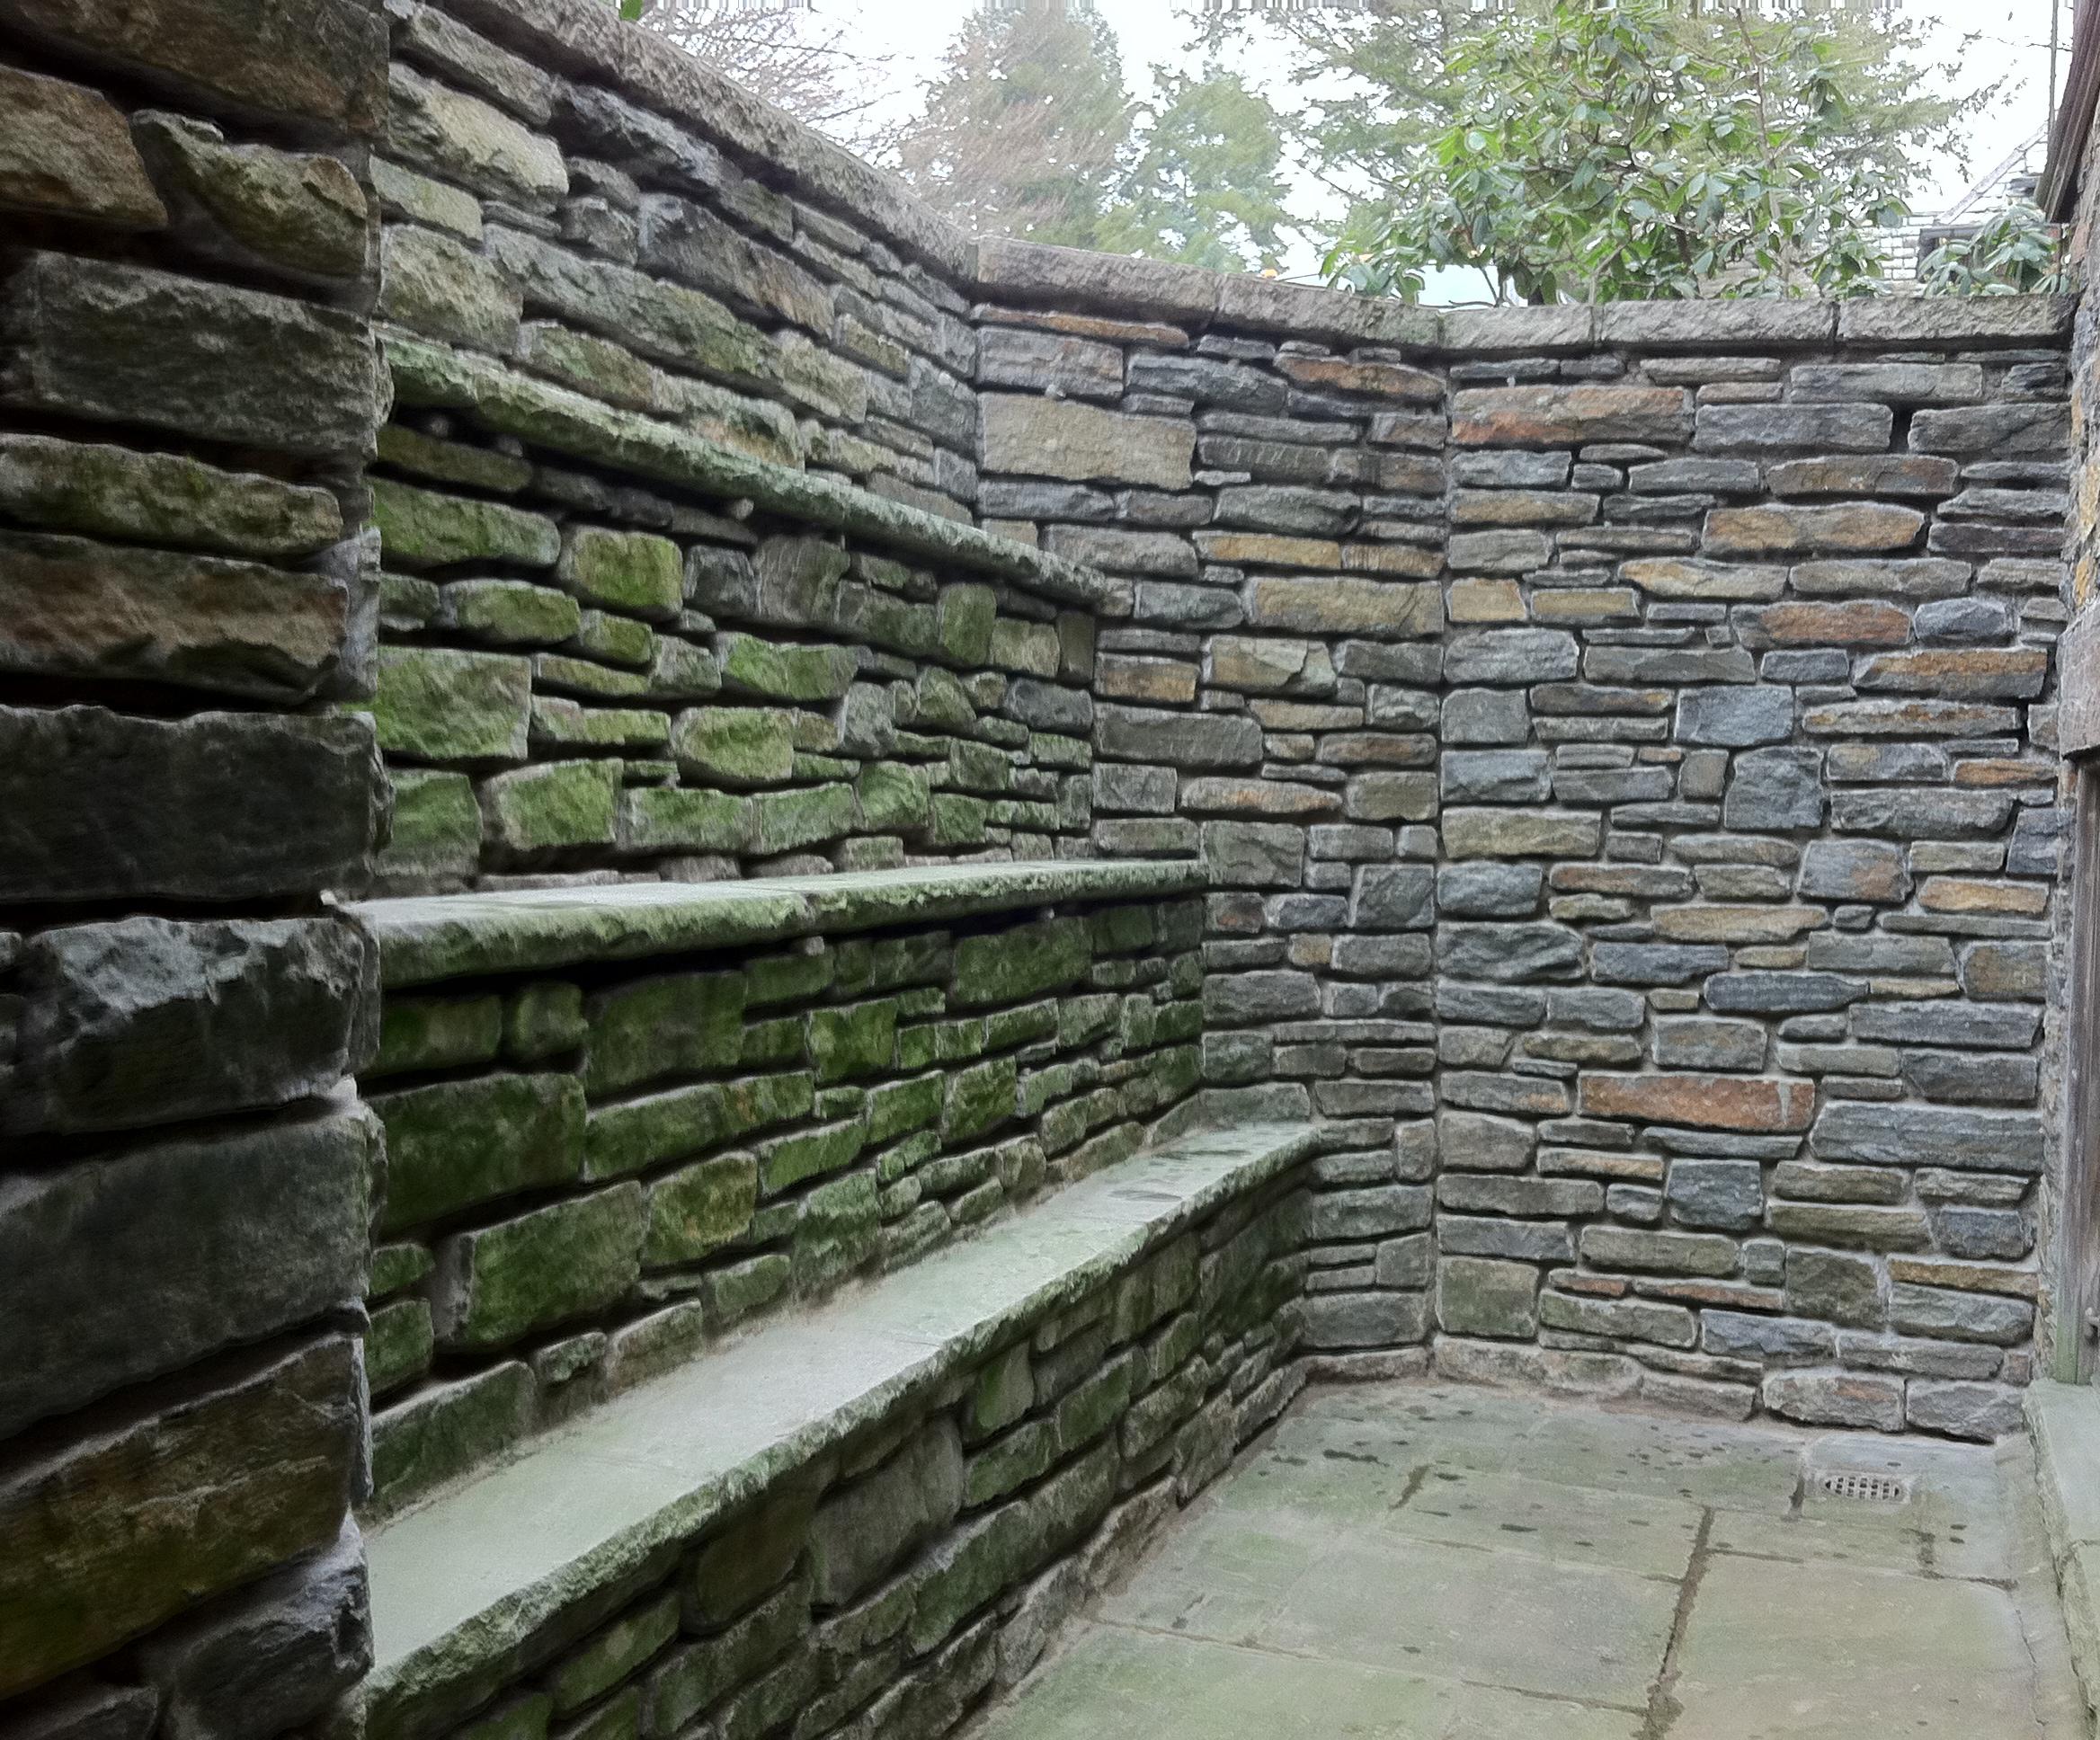 Restored Stone Work Buffalo NY